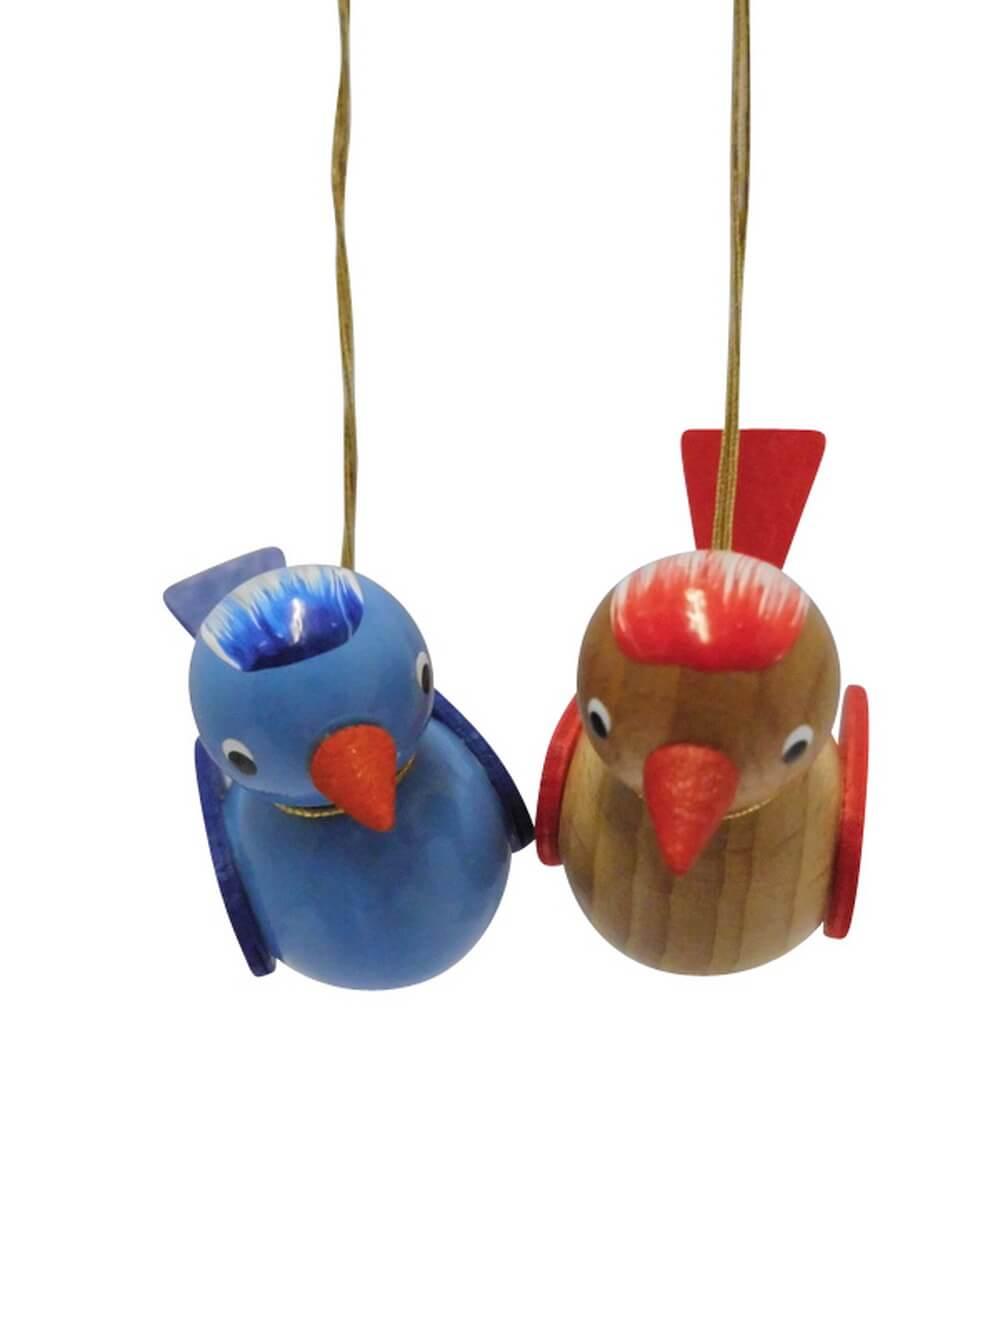 Vögel von Nestler-Seiffen zum Hängen blau/braun, 2 Stück